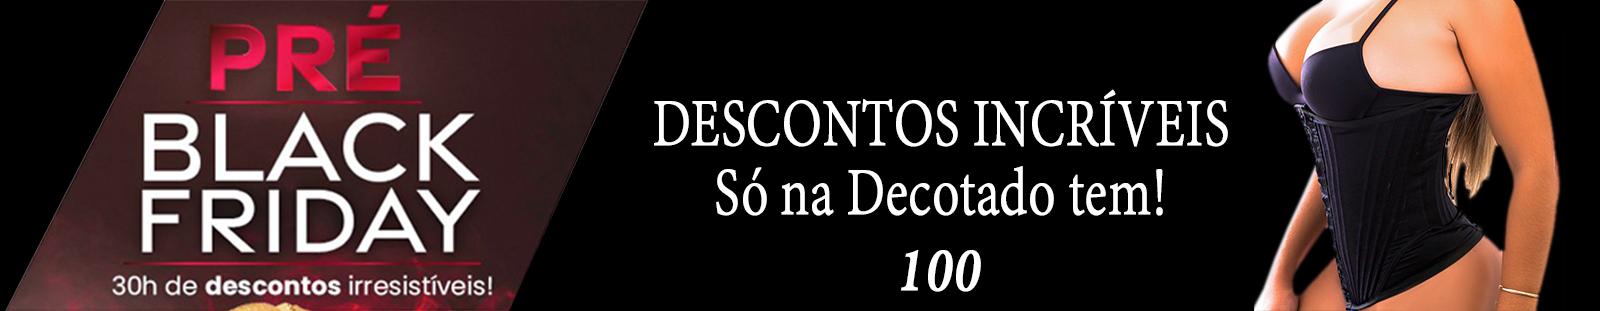 PRÉ BLACK FRIDAY banner